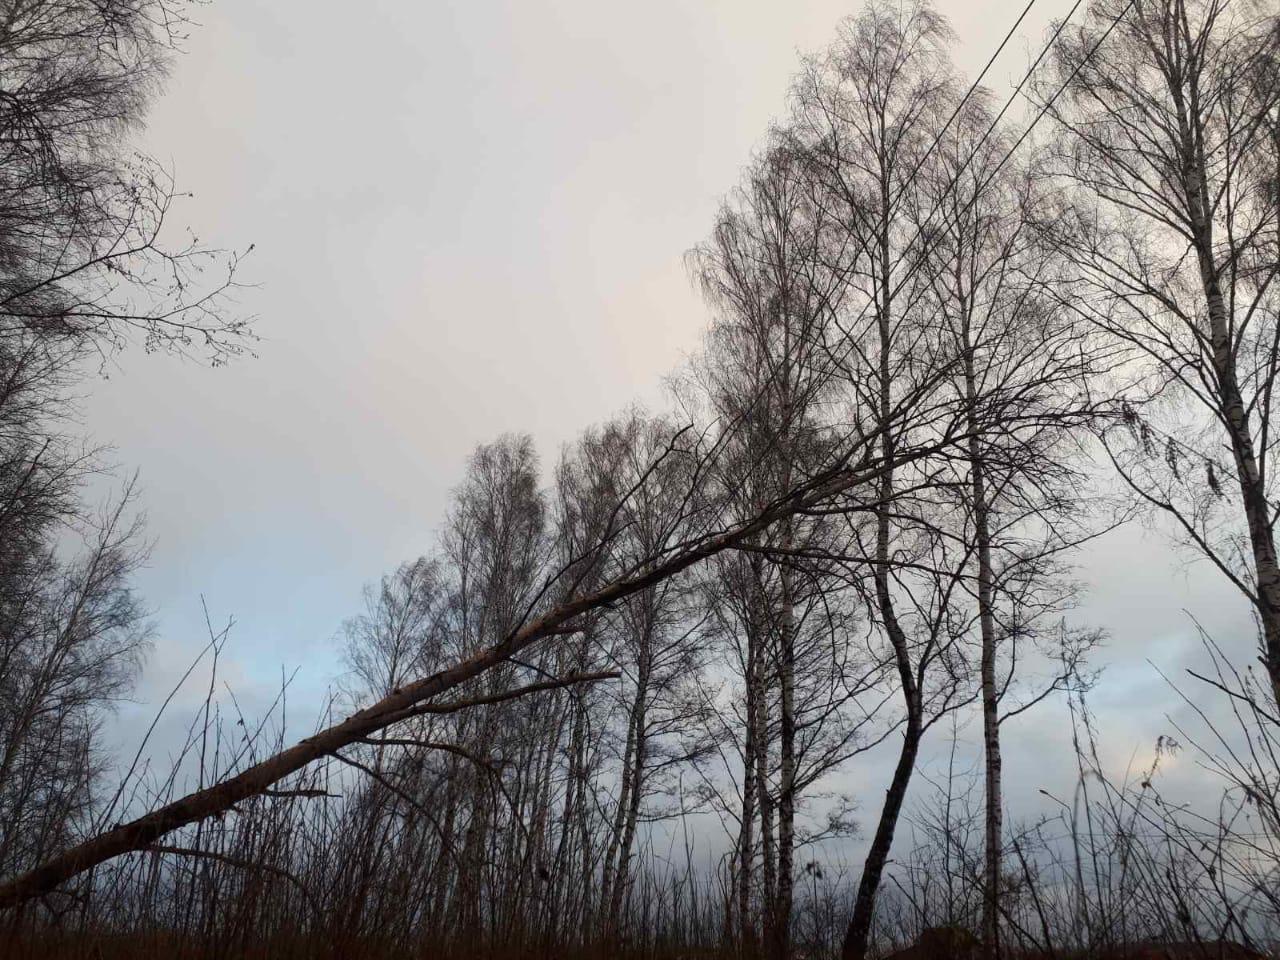 Энергетики Россети Центр и Россети Центр и Приволжье восстанавливают энергоснабжение потребителей, нарушенное природной стихией в ночь с 27 на 28 октября